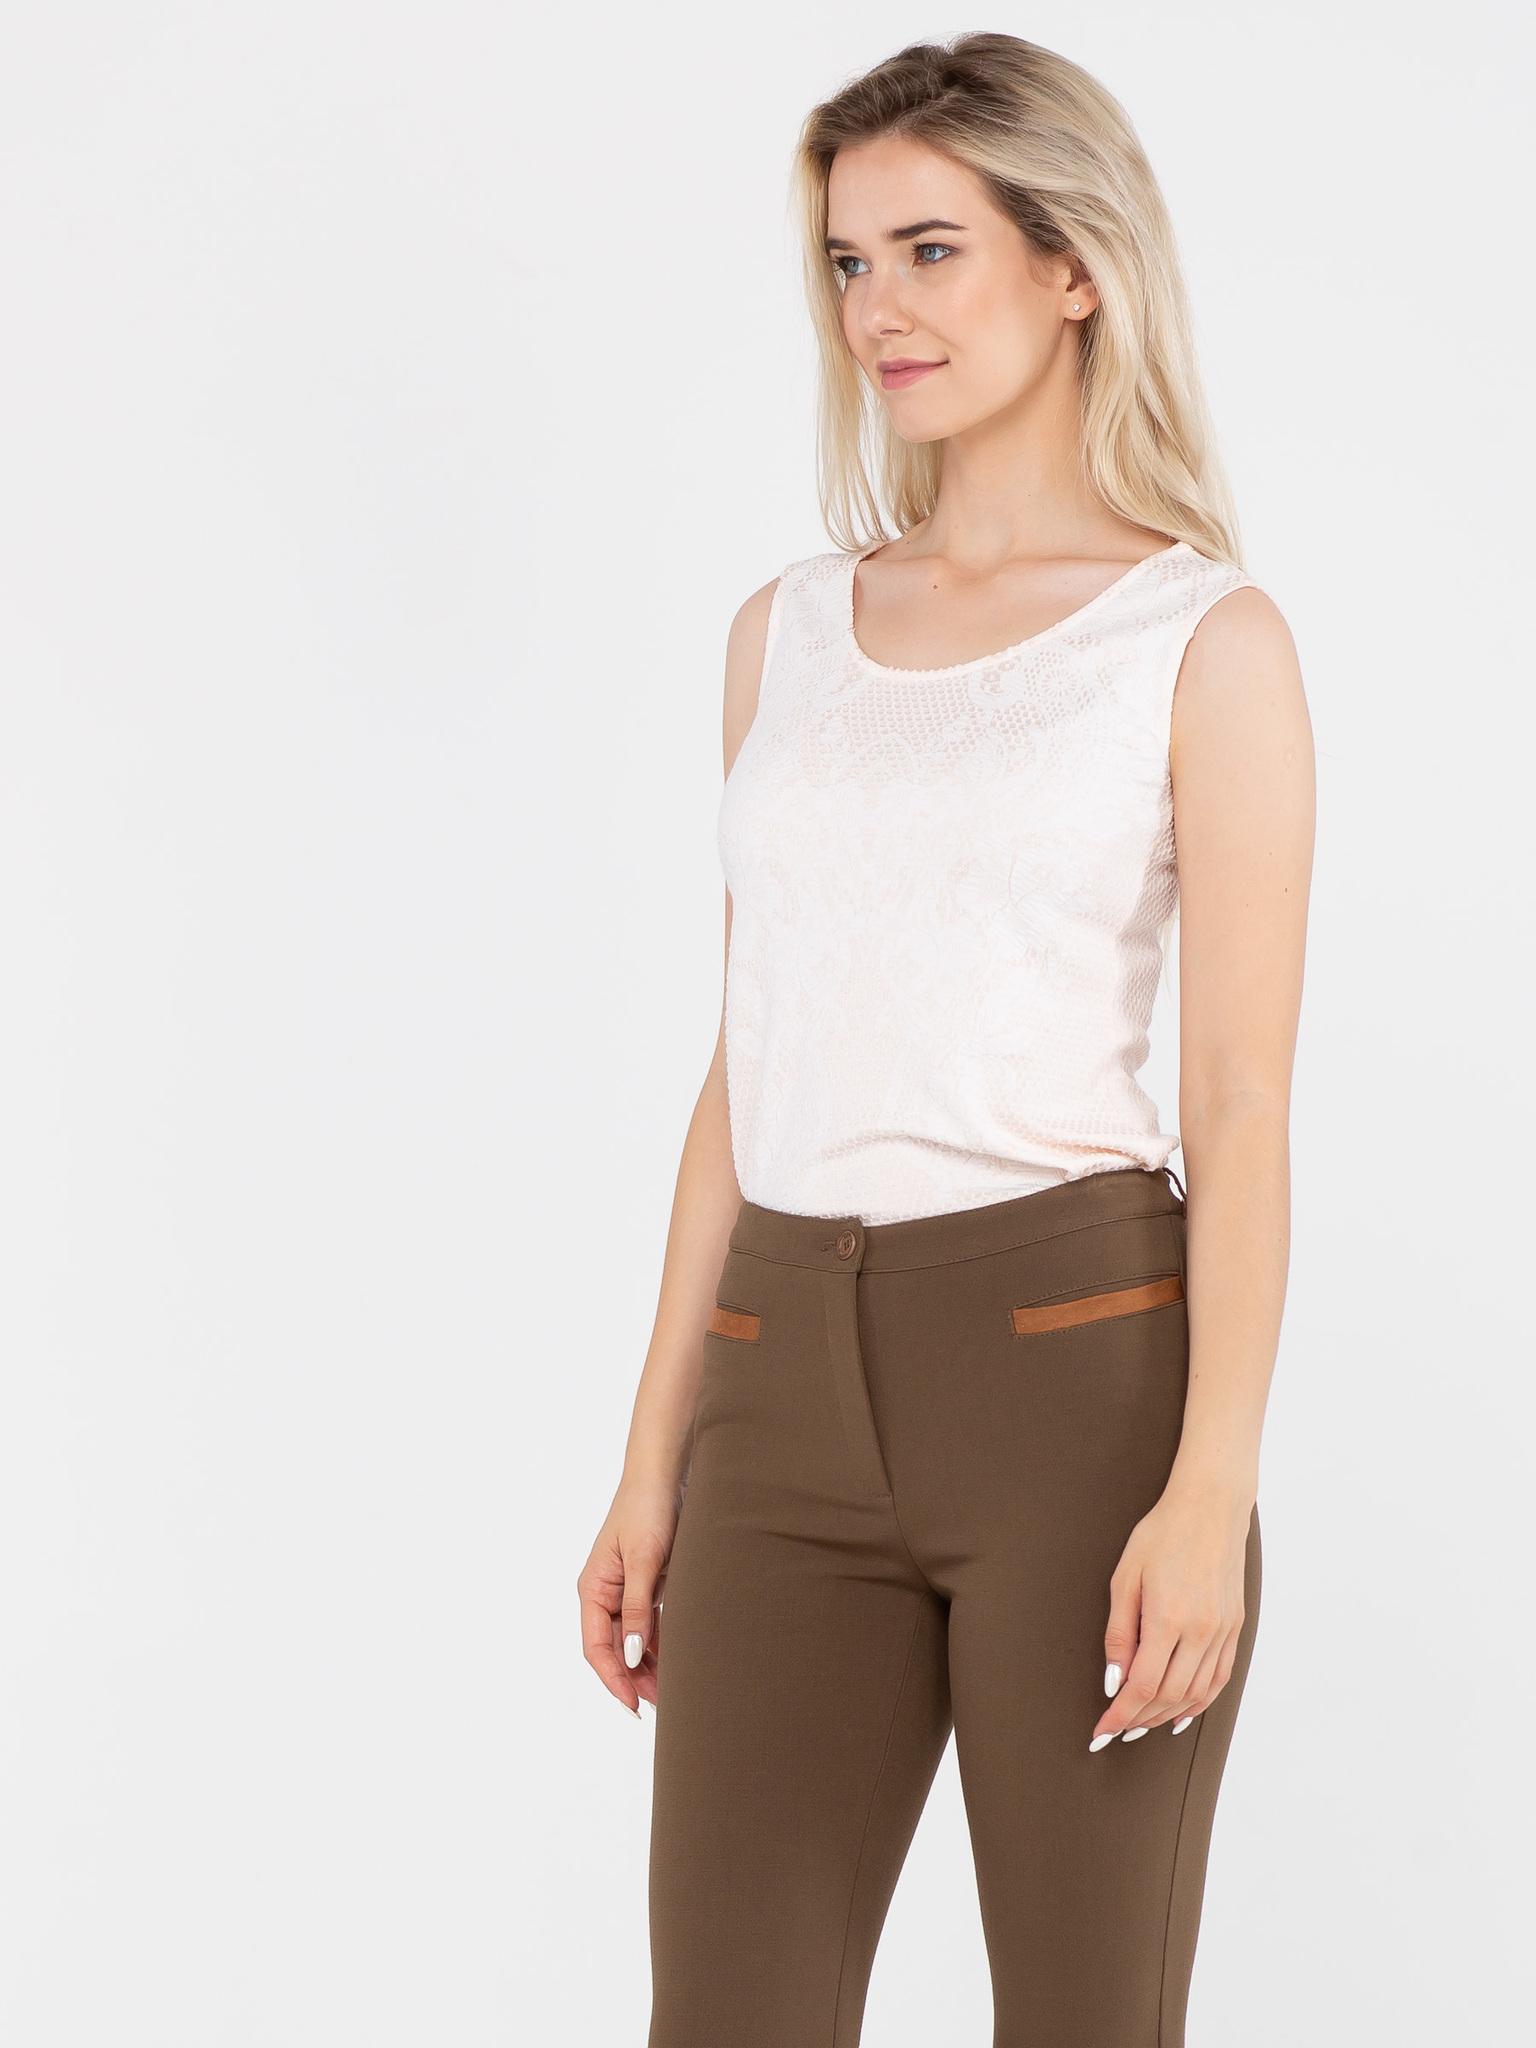 Топ Е414-446 - Классический приталенный белый топ из вискозного трикотажа; базовая вещь любого гардероба. Если ты ценишь комфорт и функциональность, белый топ без рукавов твой верный друг. Белый топ удобен в сочетании с джинсами, классическими брюками и юбкой, с пиджаком и кардиганом. Если в вашем гардеробе еще нет белого топа, то поспешите с его приобретением.